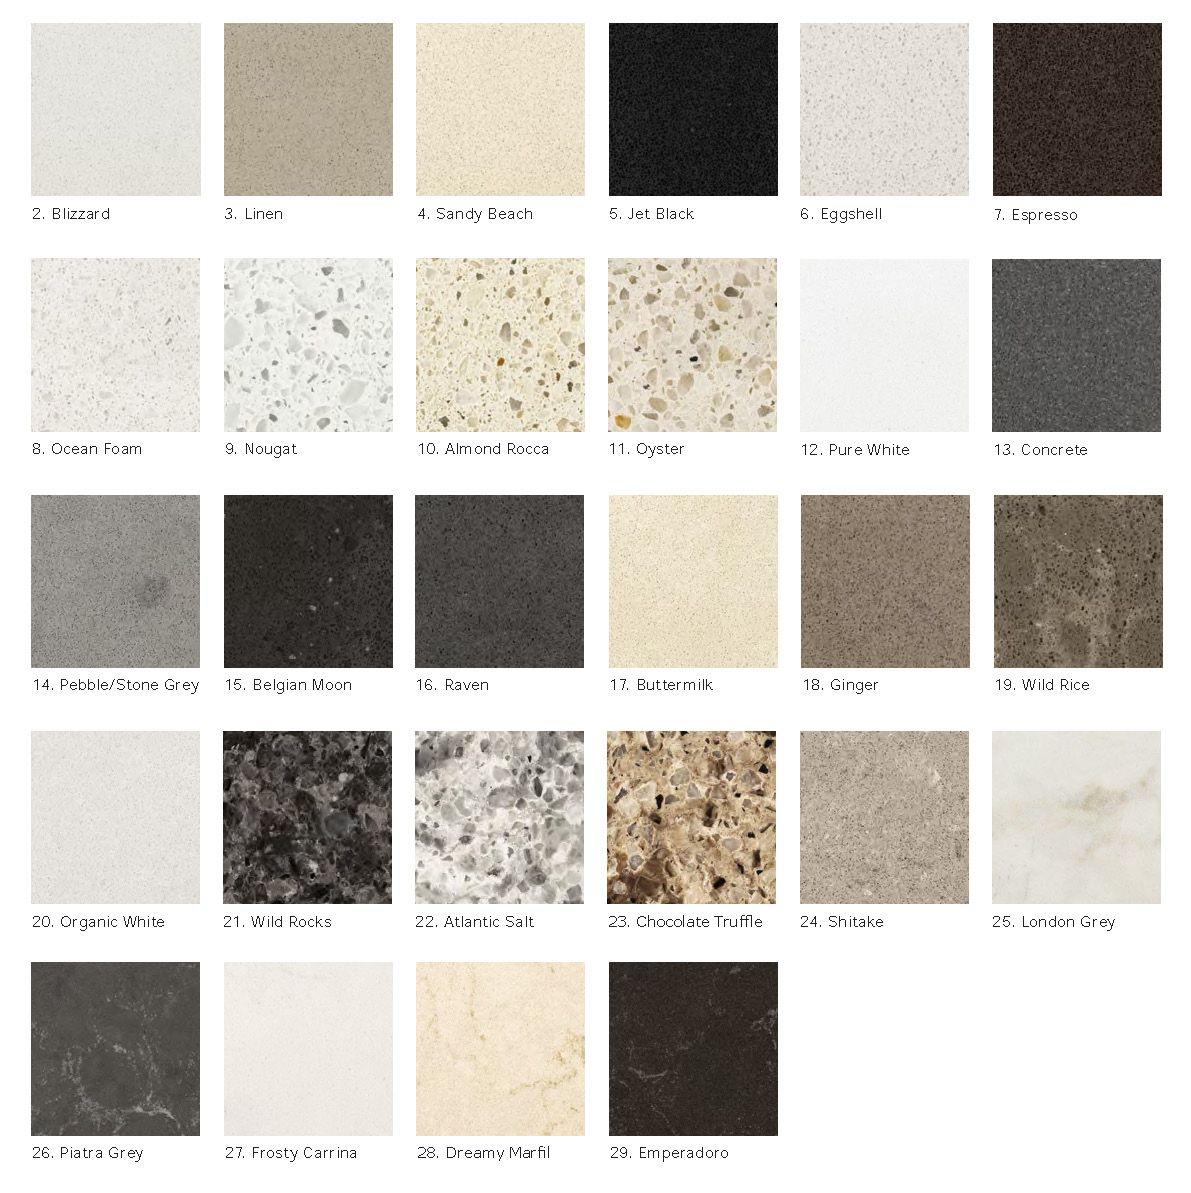 quartz kitchen countertops IKEA Personlig quartz countertop colours